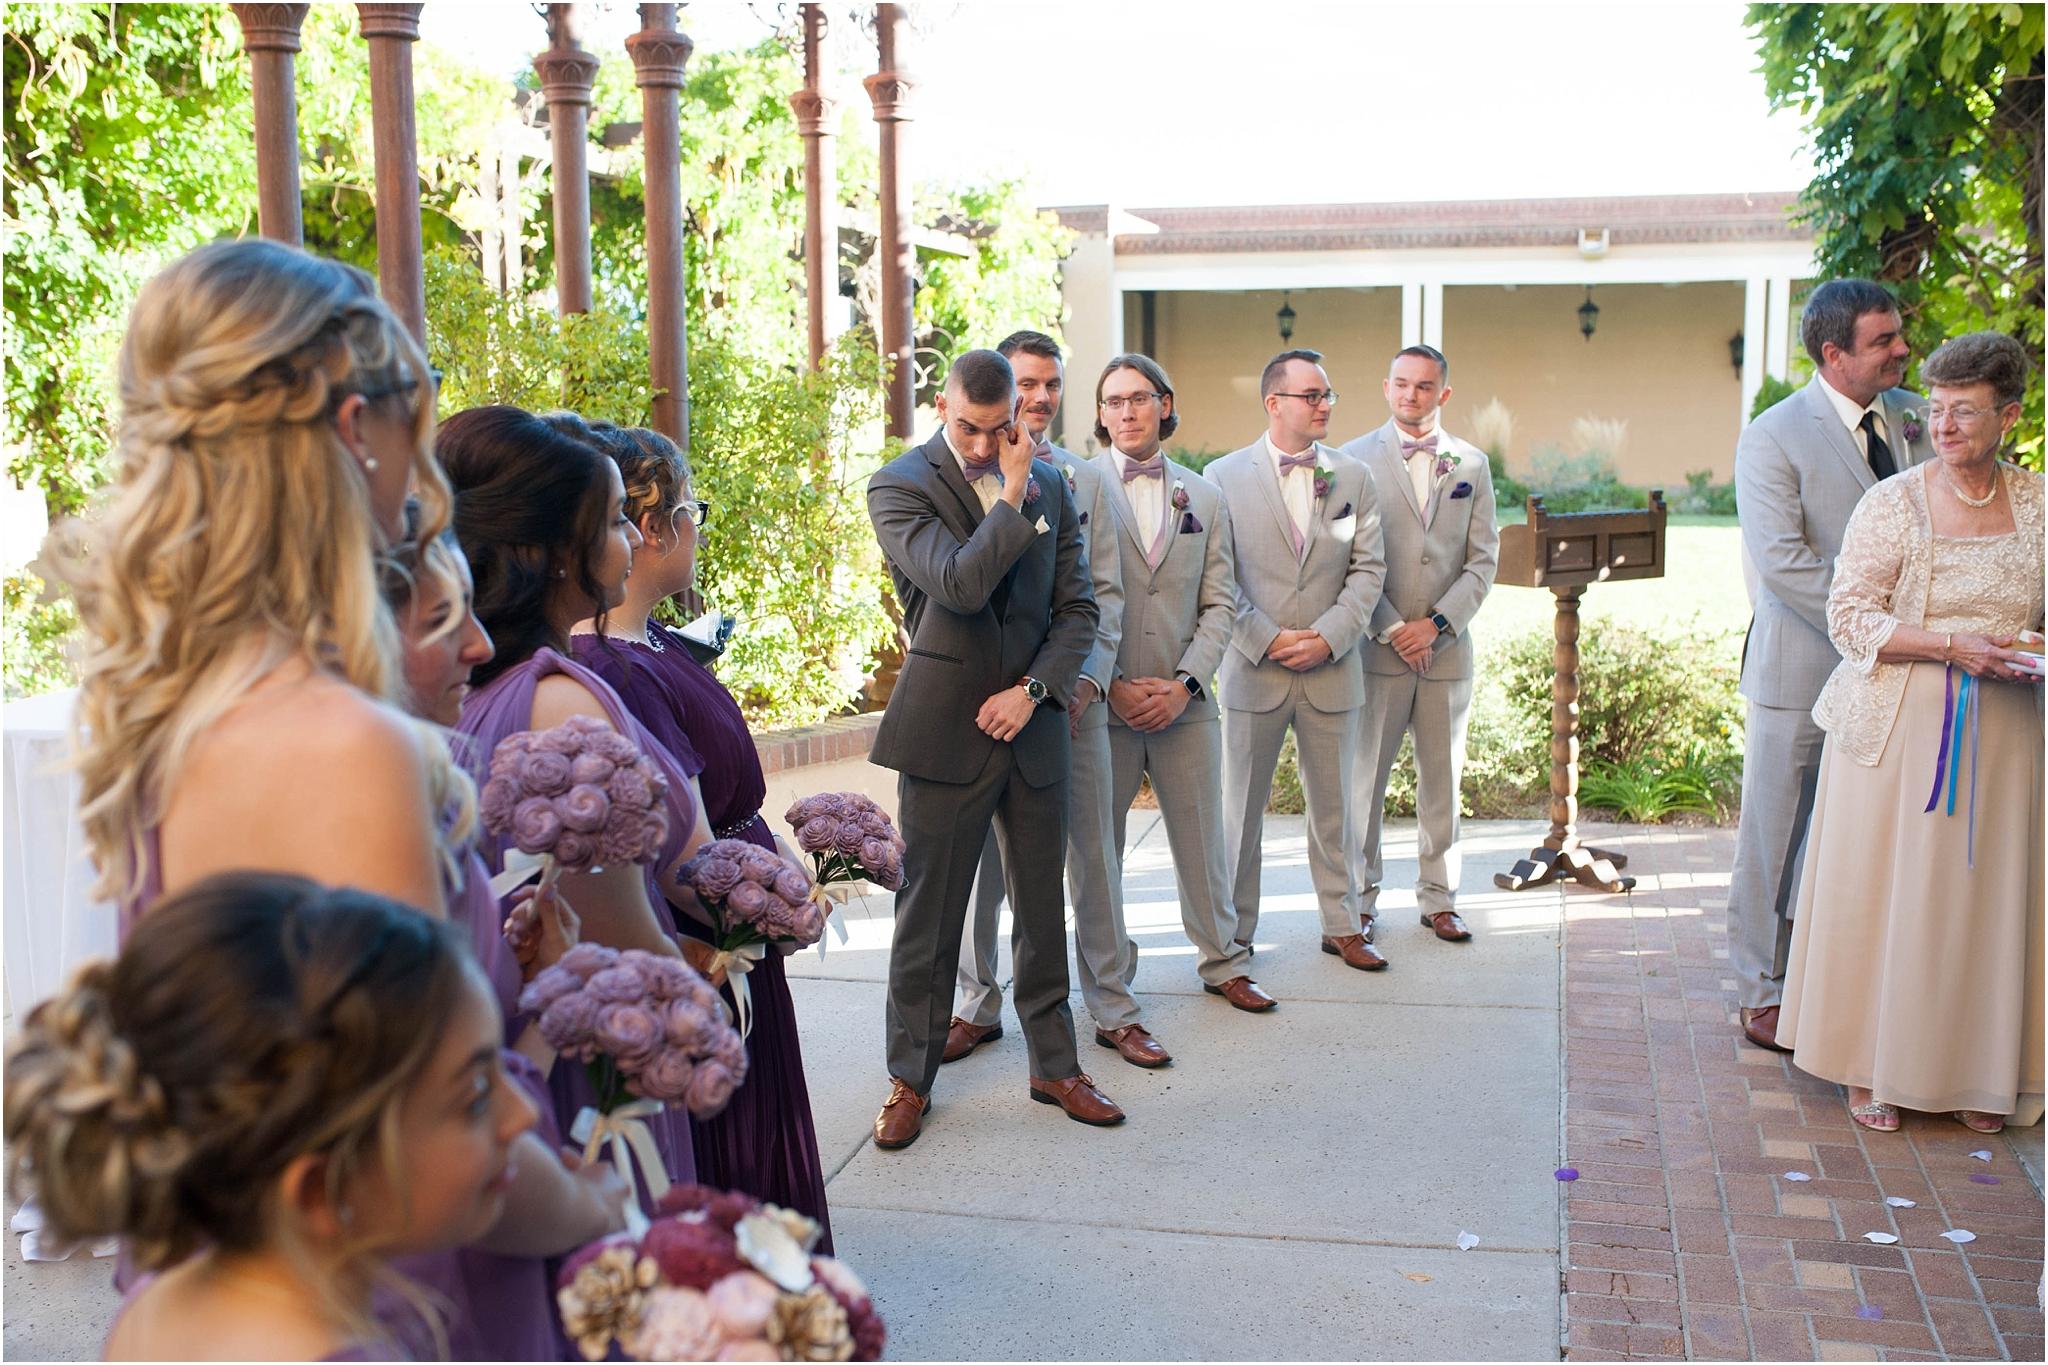 kayla kitts photography - new mexico wedding photographer - albuquerque botanic gardens - hotel albuquerque_0151.jpg